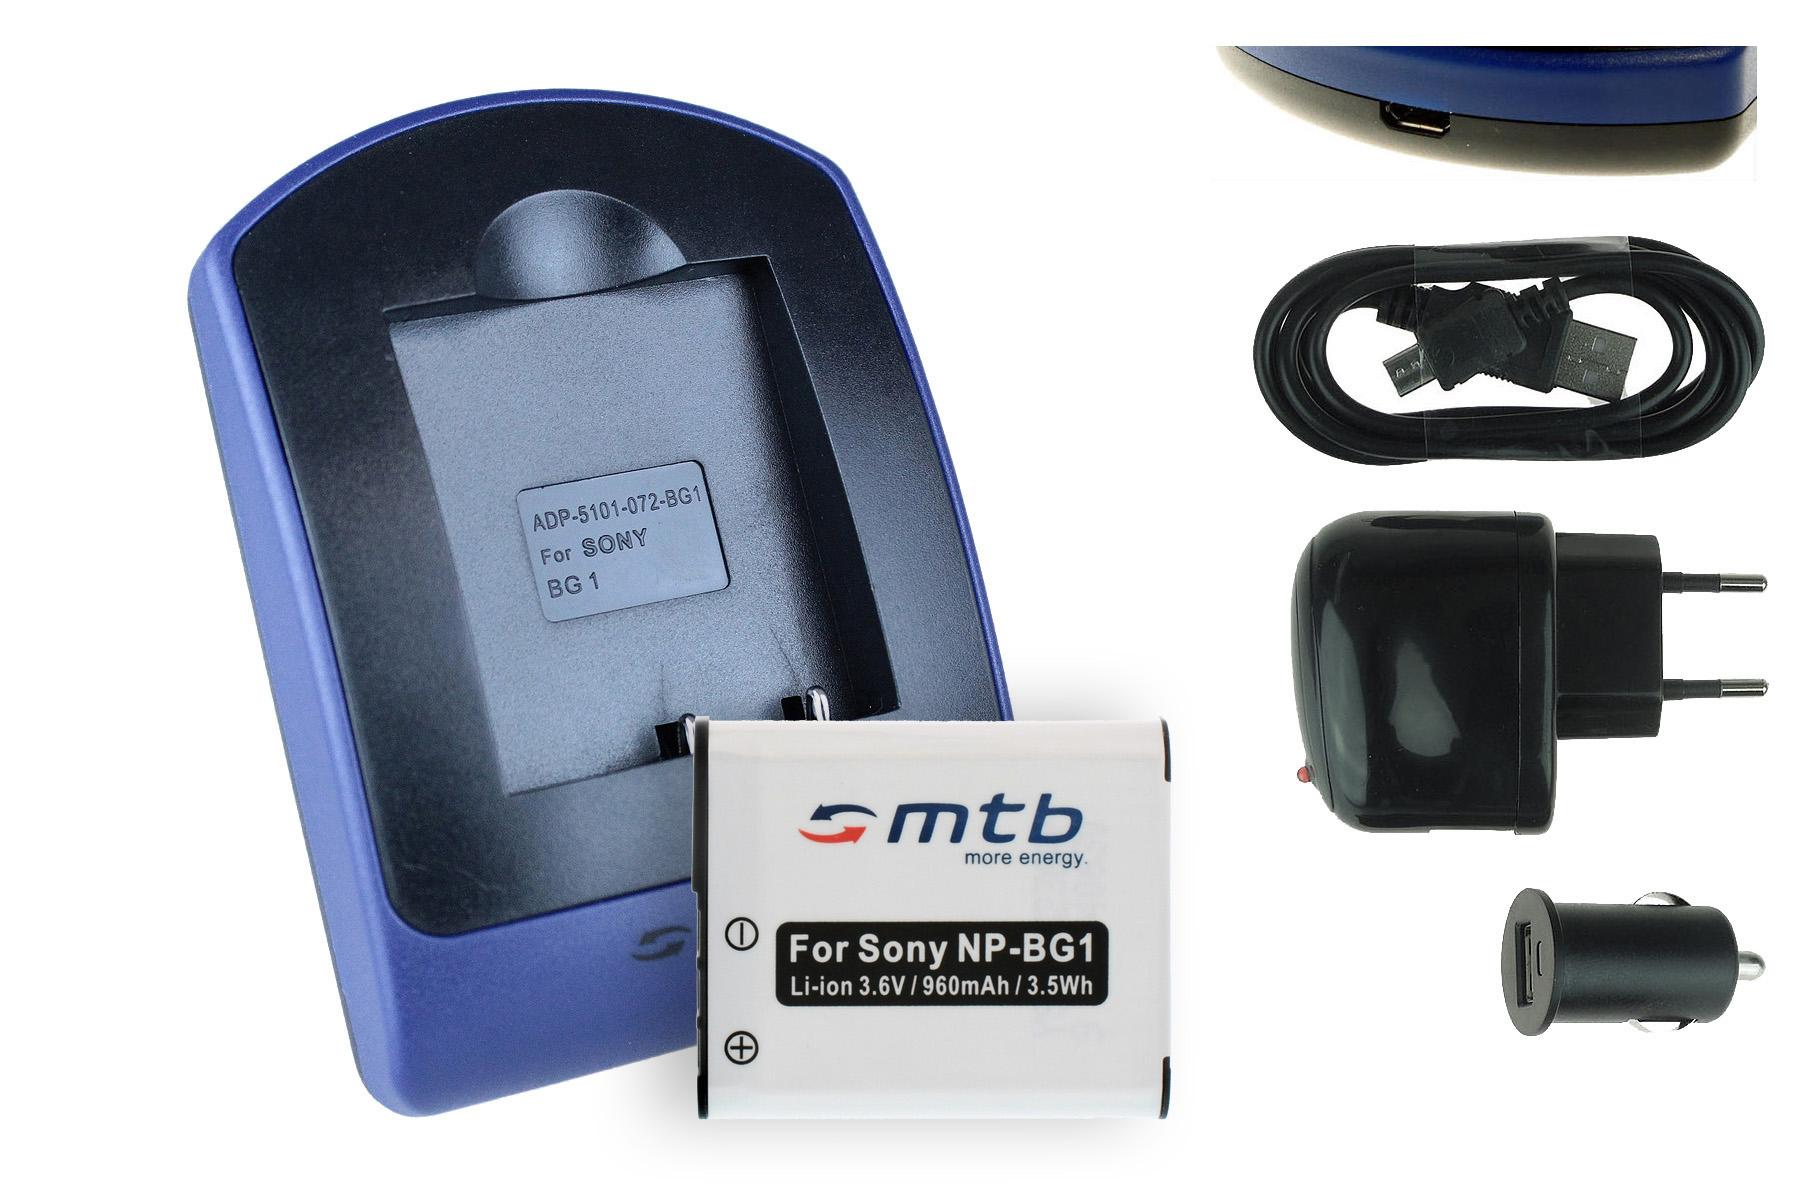 ... Ladegeraet-USB-NP-BG1-FG1-fuer-Sony-Cyber-shot-DSC-W90-W100-W110-W115